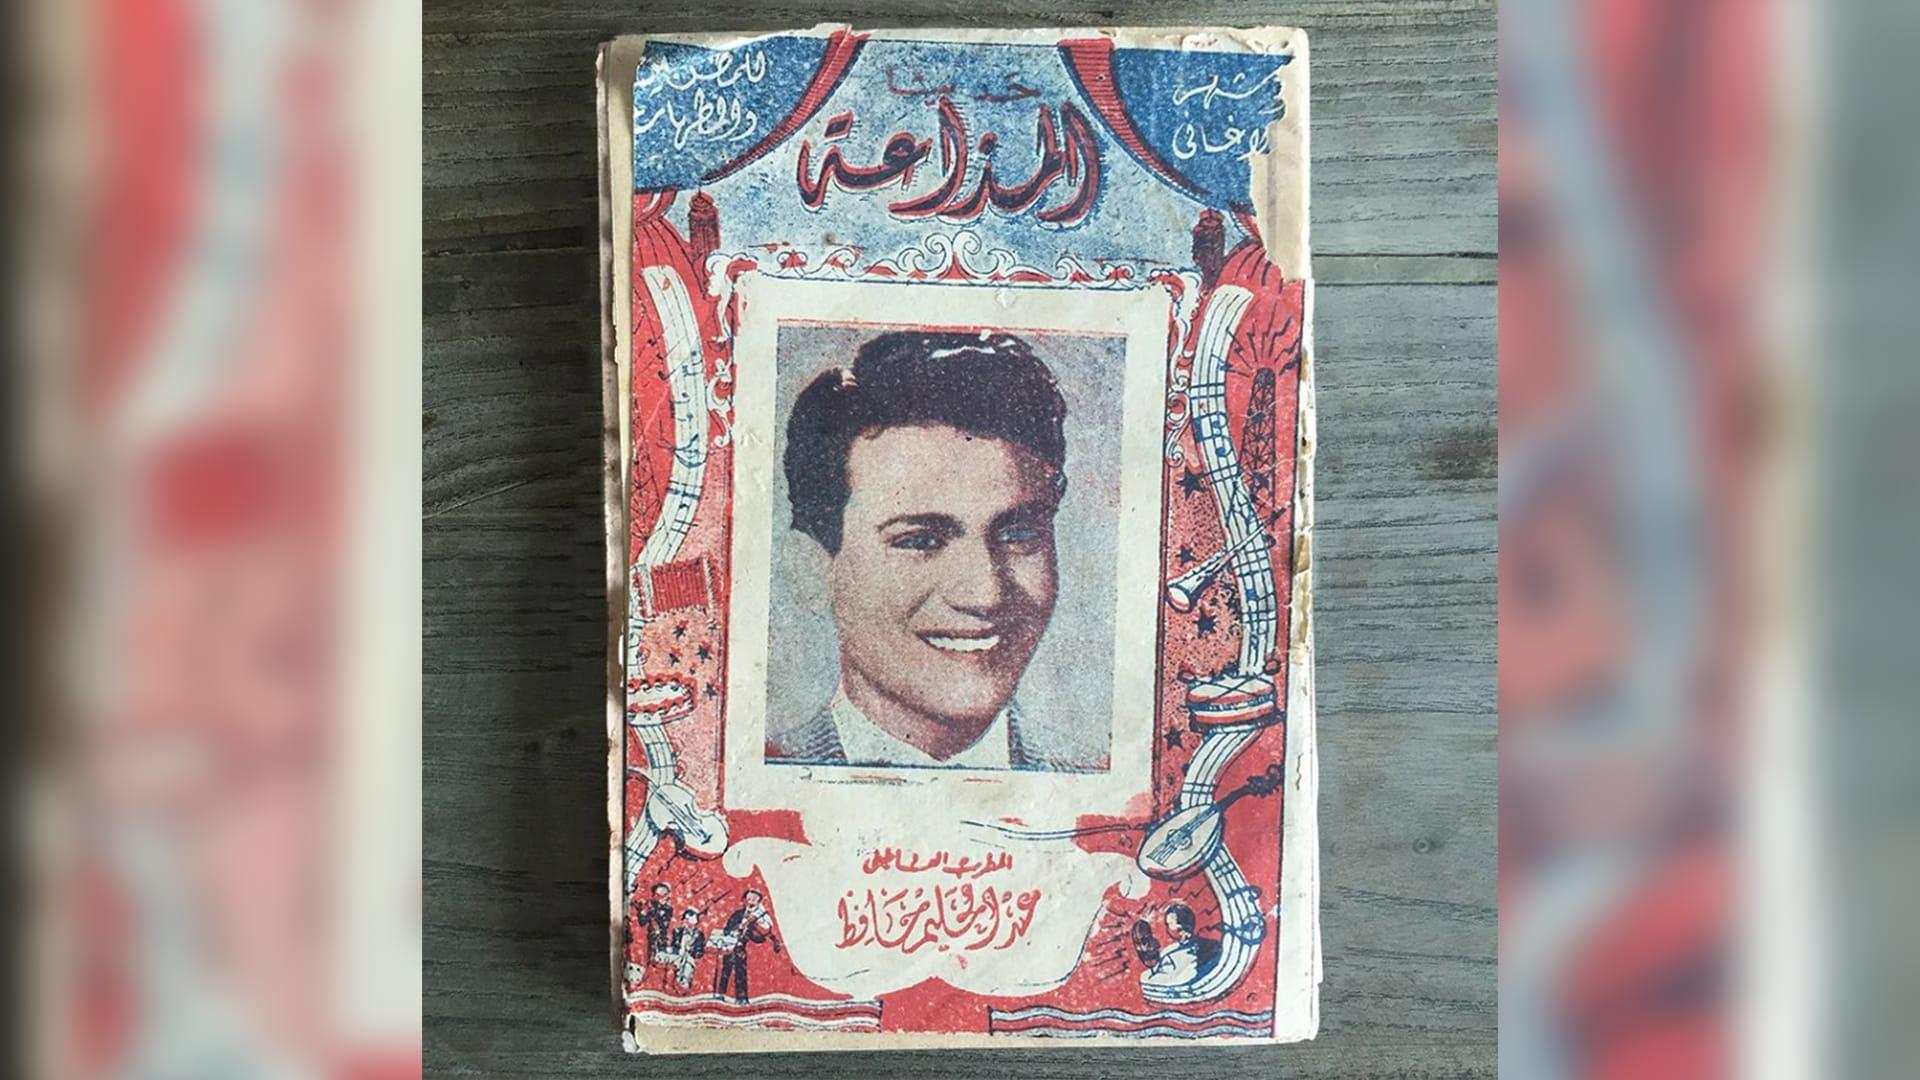 كتاب أغاني لعبد الحليم حافظ كانت توزع أثناء الحفلات الموسيقية.